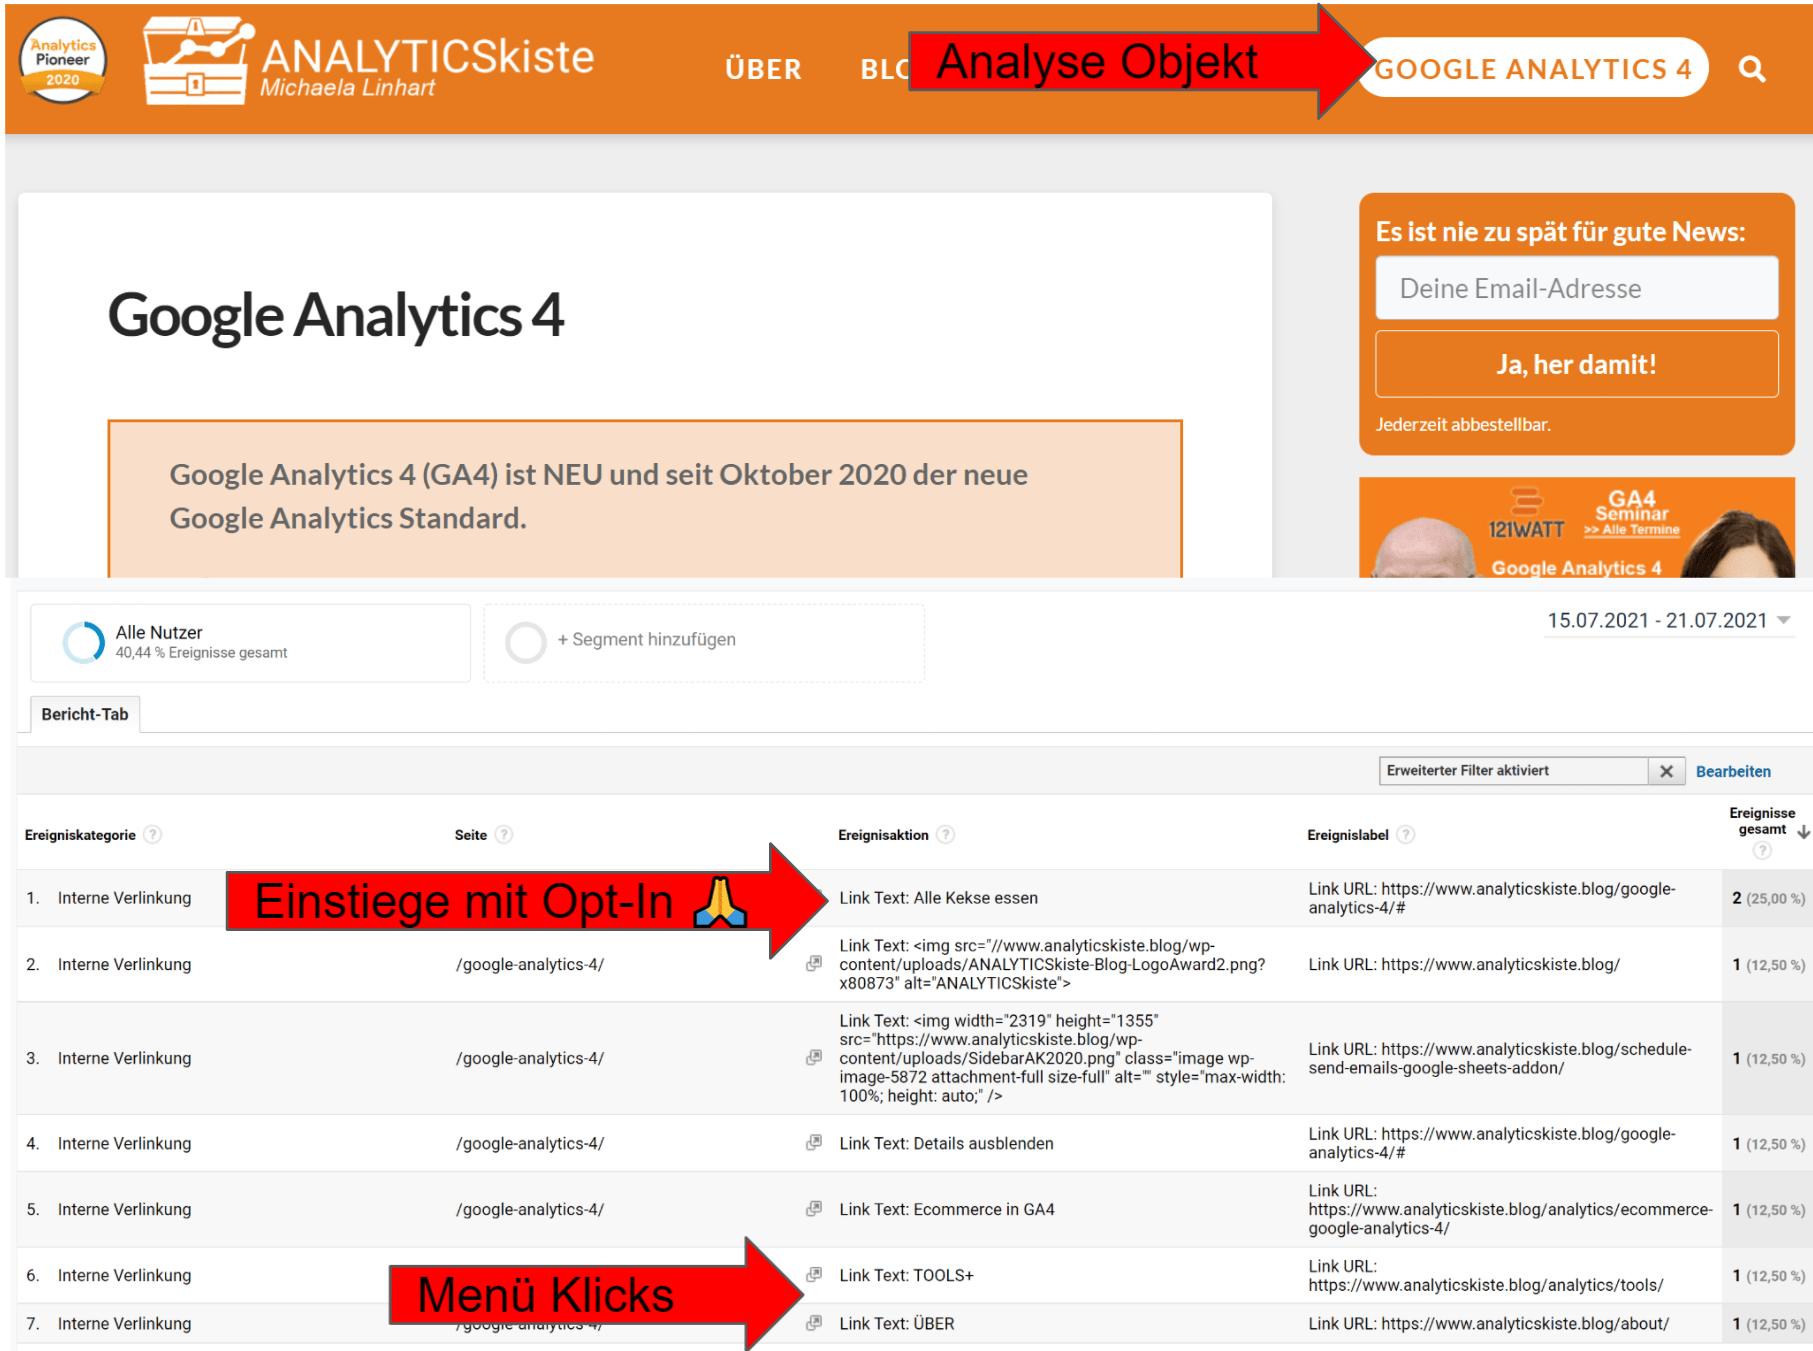 Analyse der GA4 Seite auf analyticskiste.blog